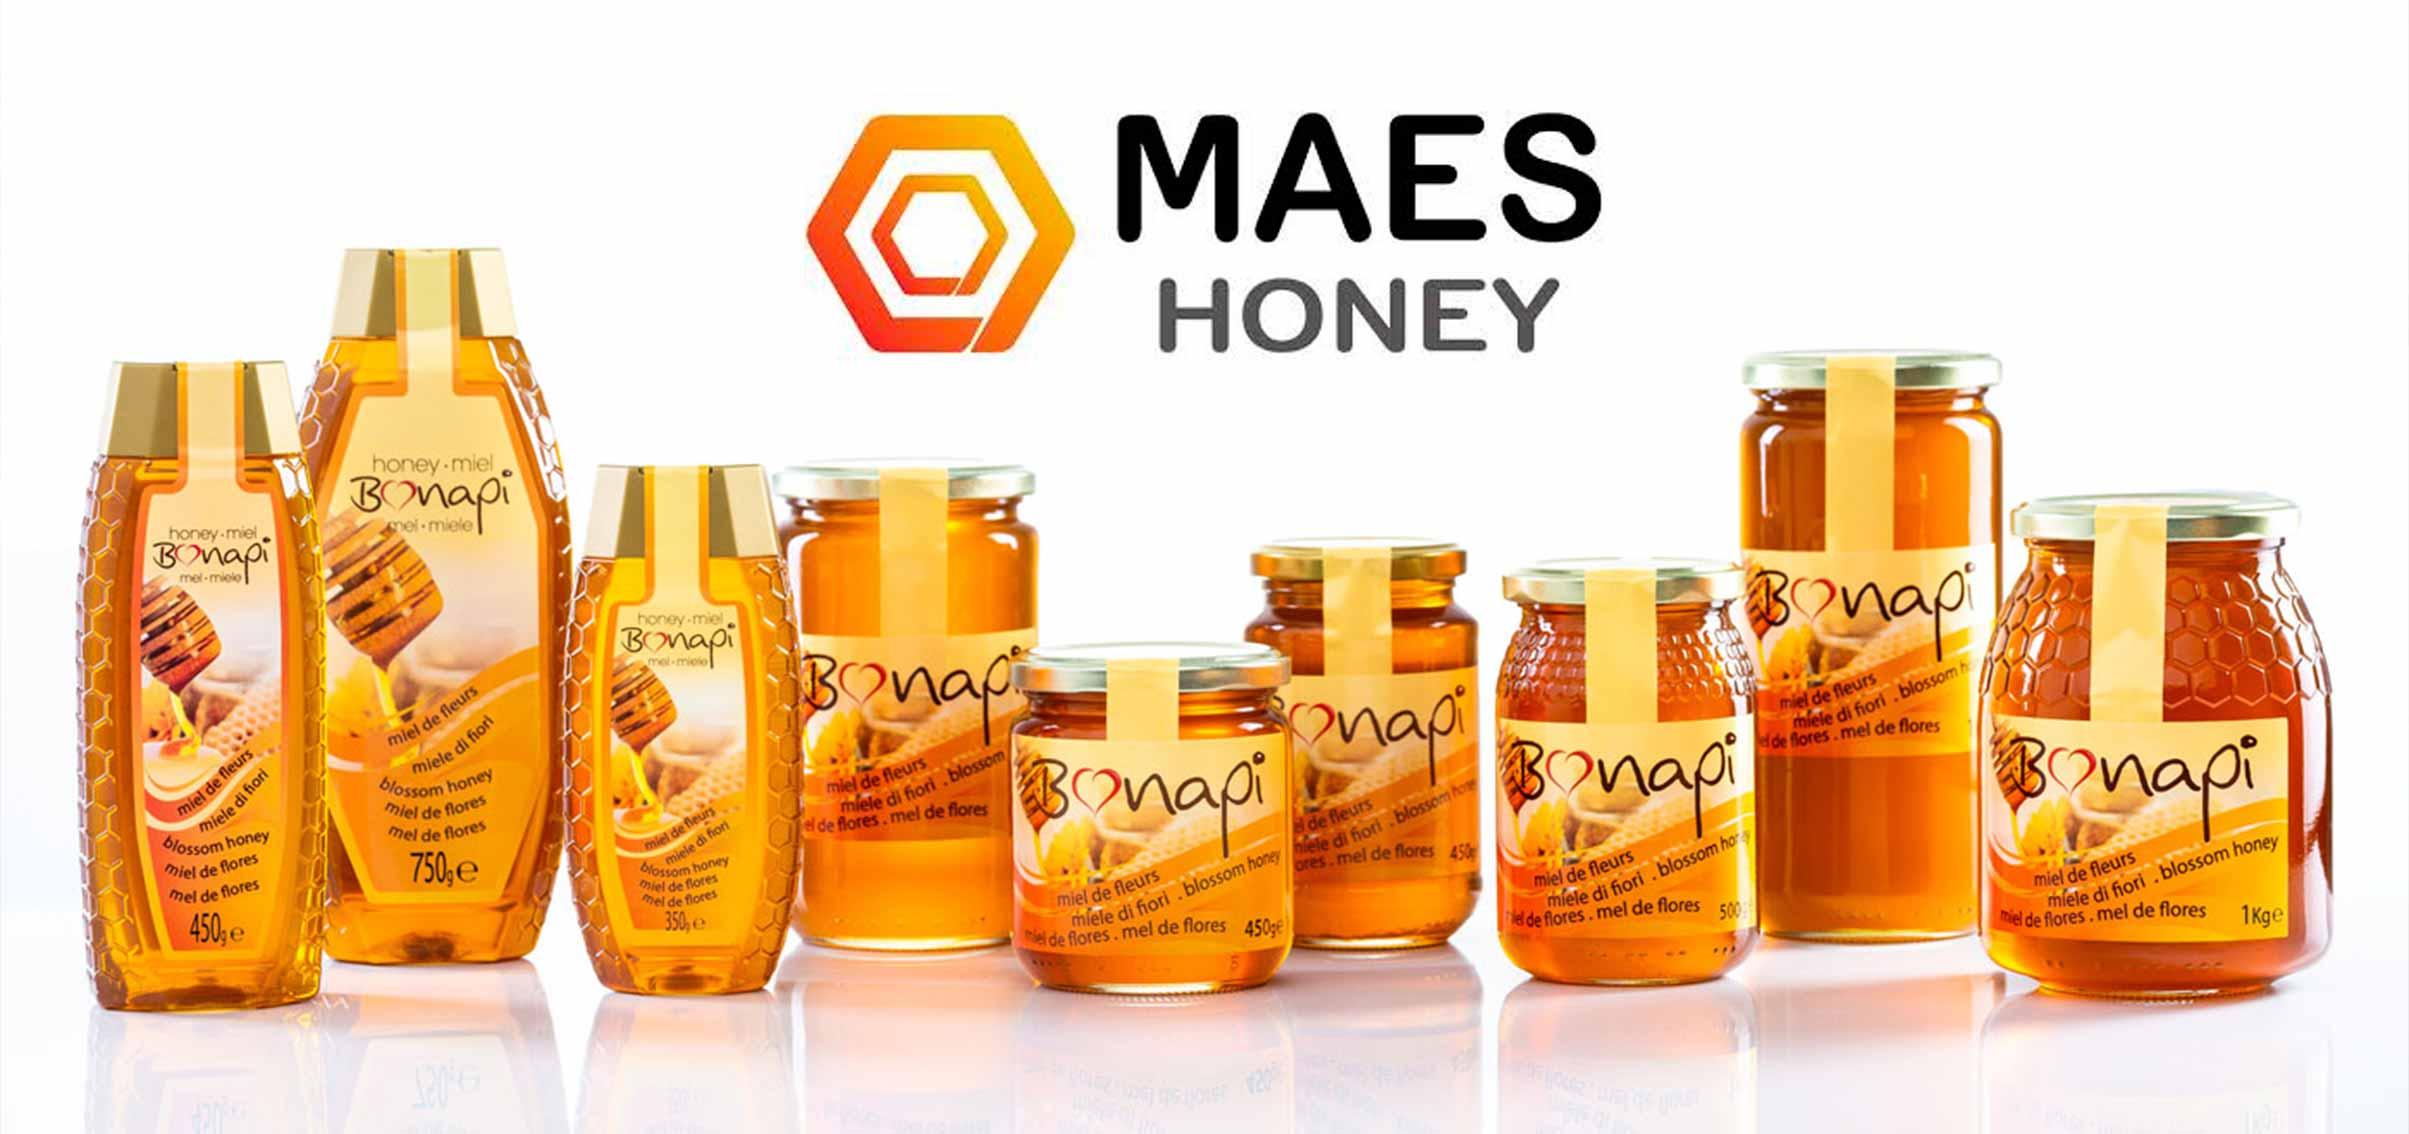 Maes Honey, líderes en exportación de miel